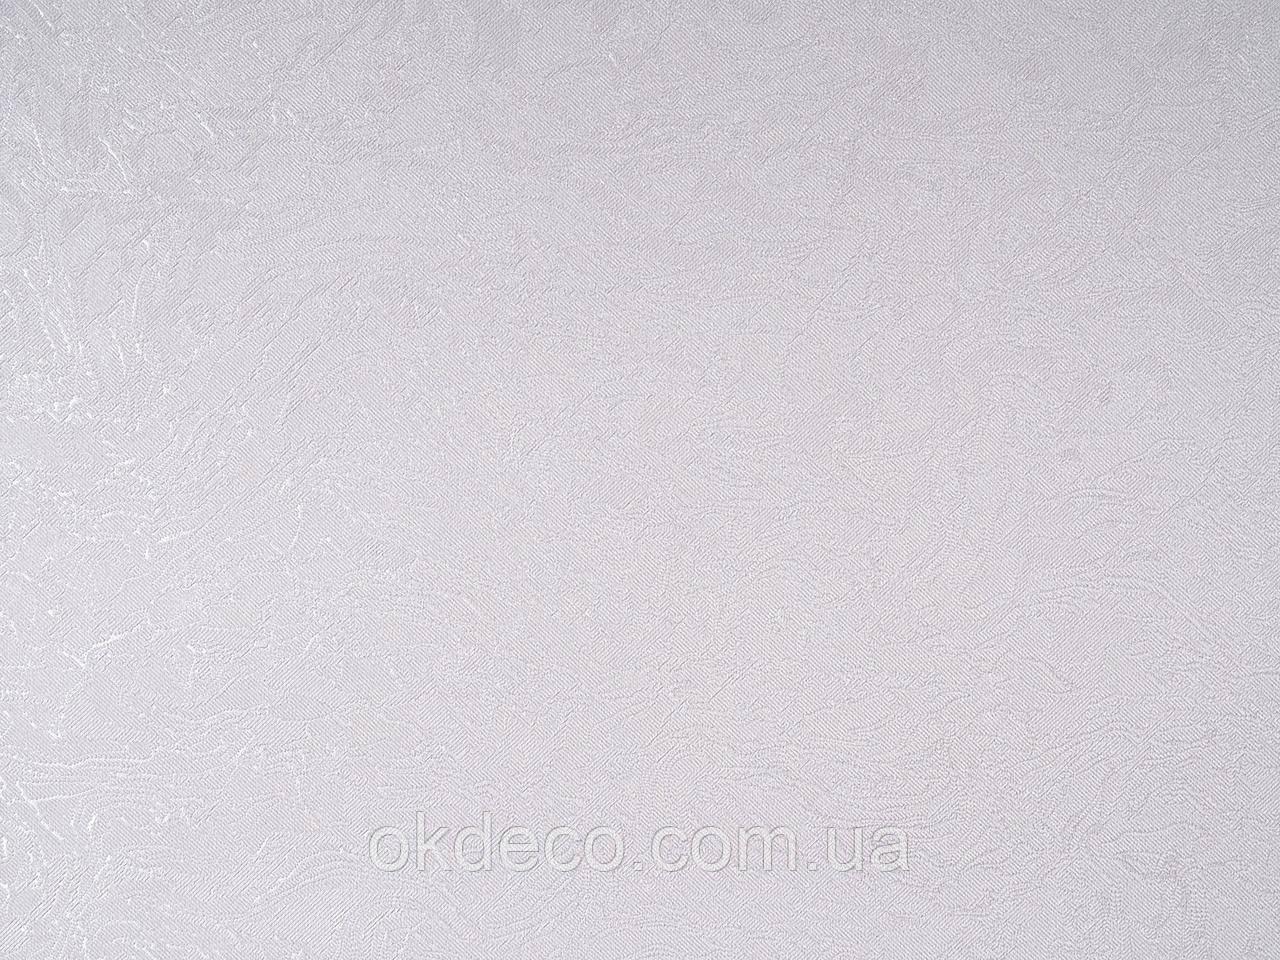 Обои виниловые на флизелиновой основе ArtGrand Assorti 936AS39